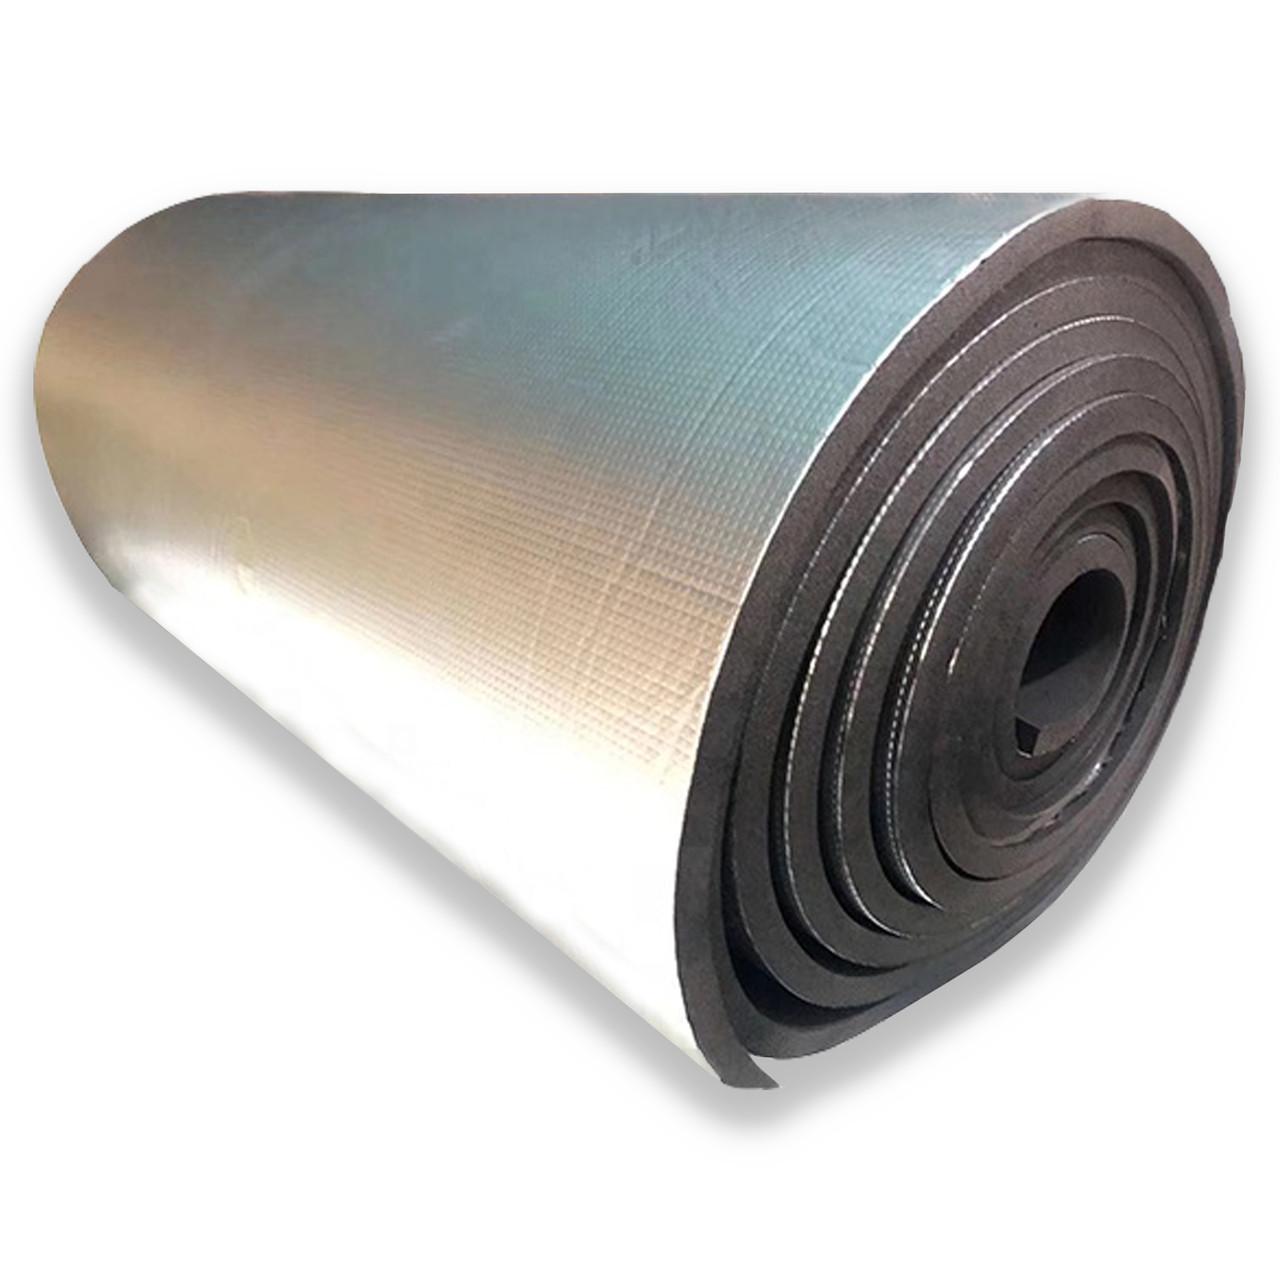 Вспененный каучук 32мм фольгированный (утеплитель, шумоизоляция)